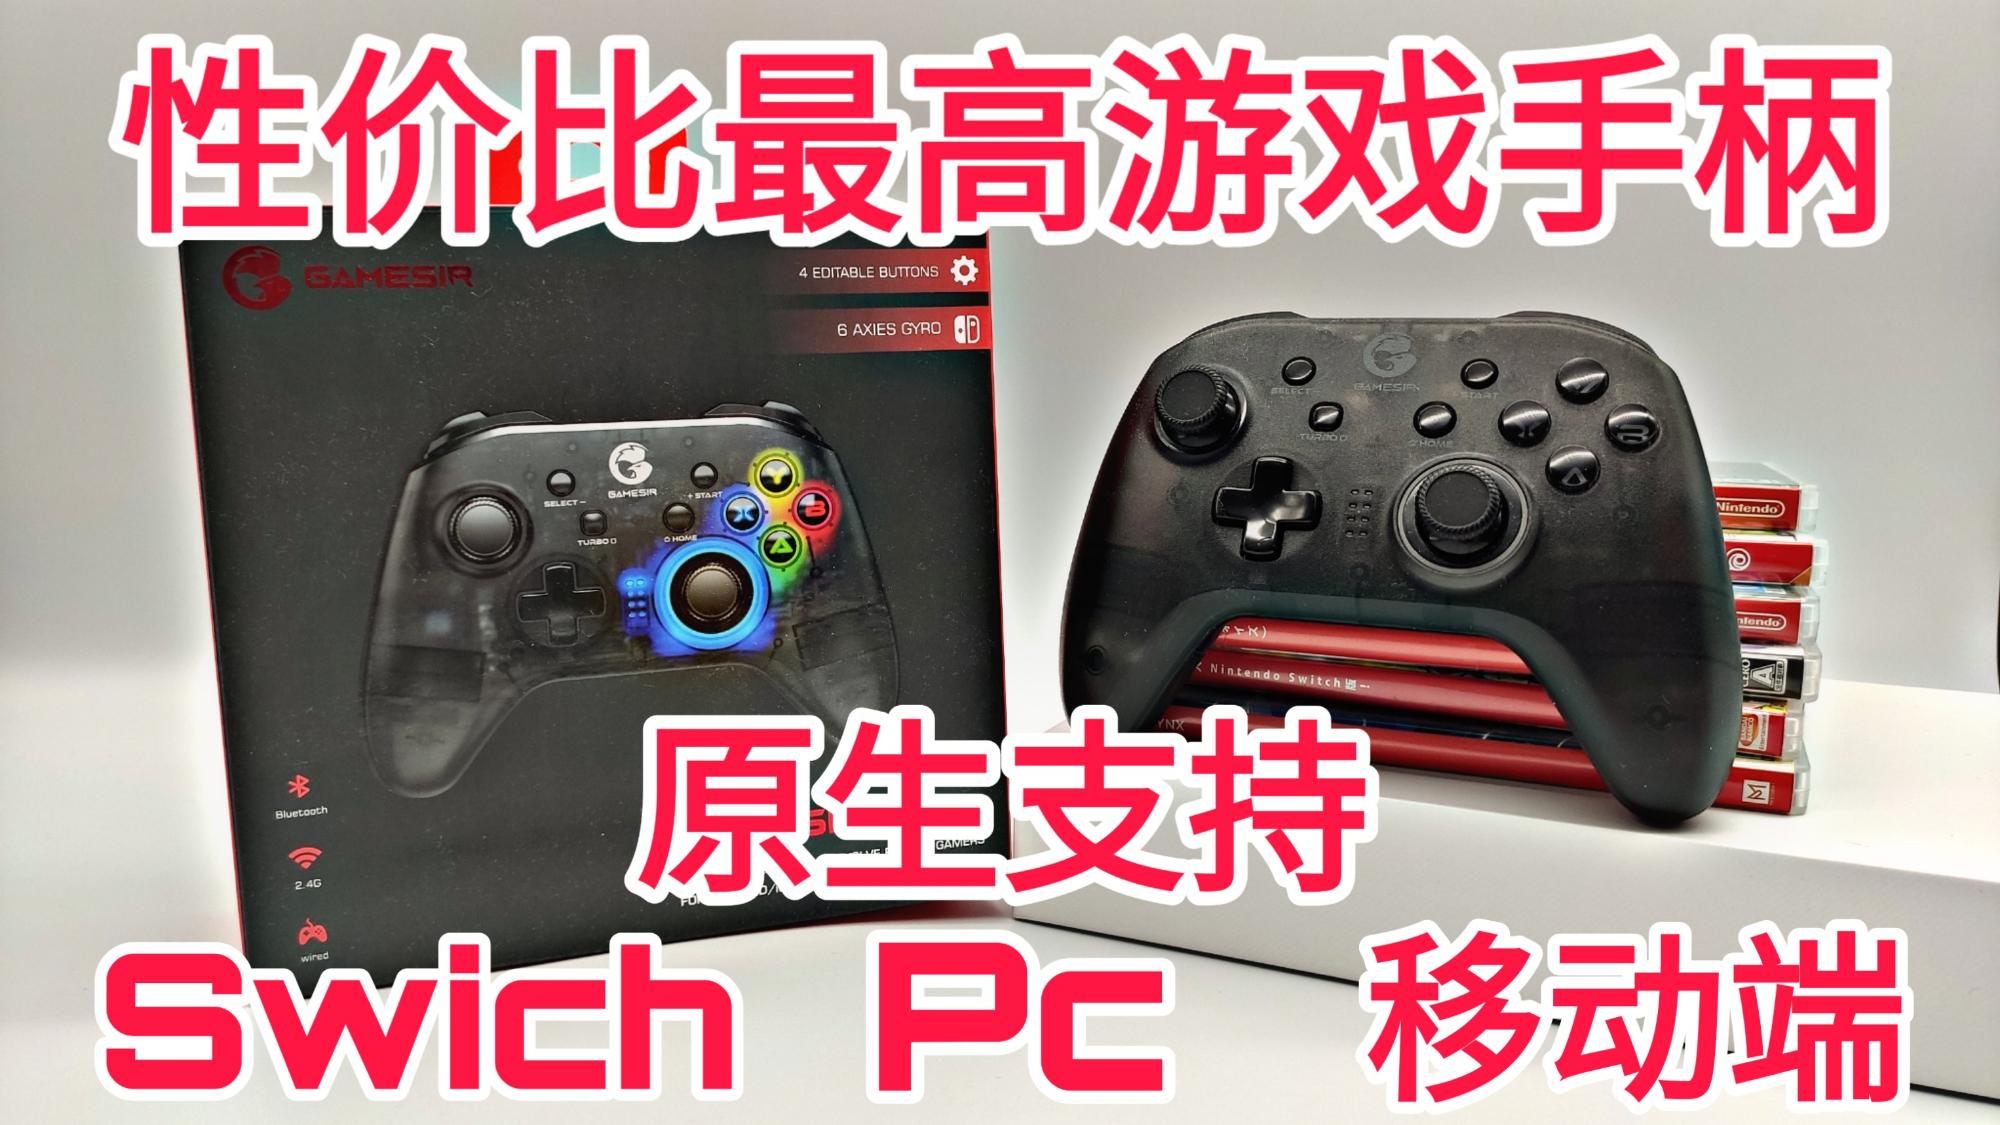 目前性价比最高的PRO手柄,原生支持SWITCH,还能连接PC移动端!